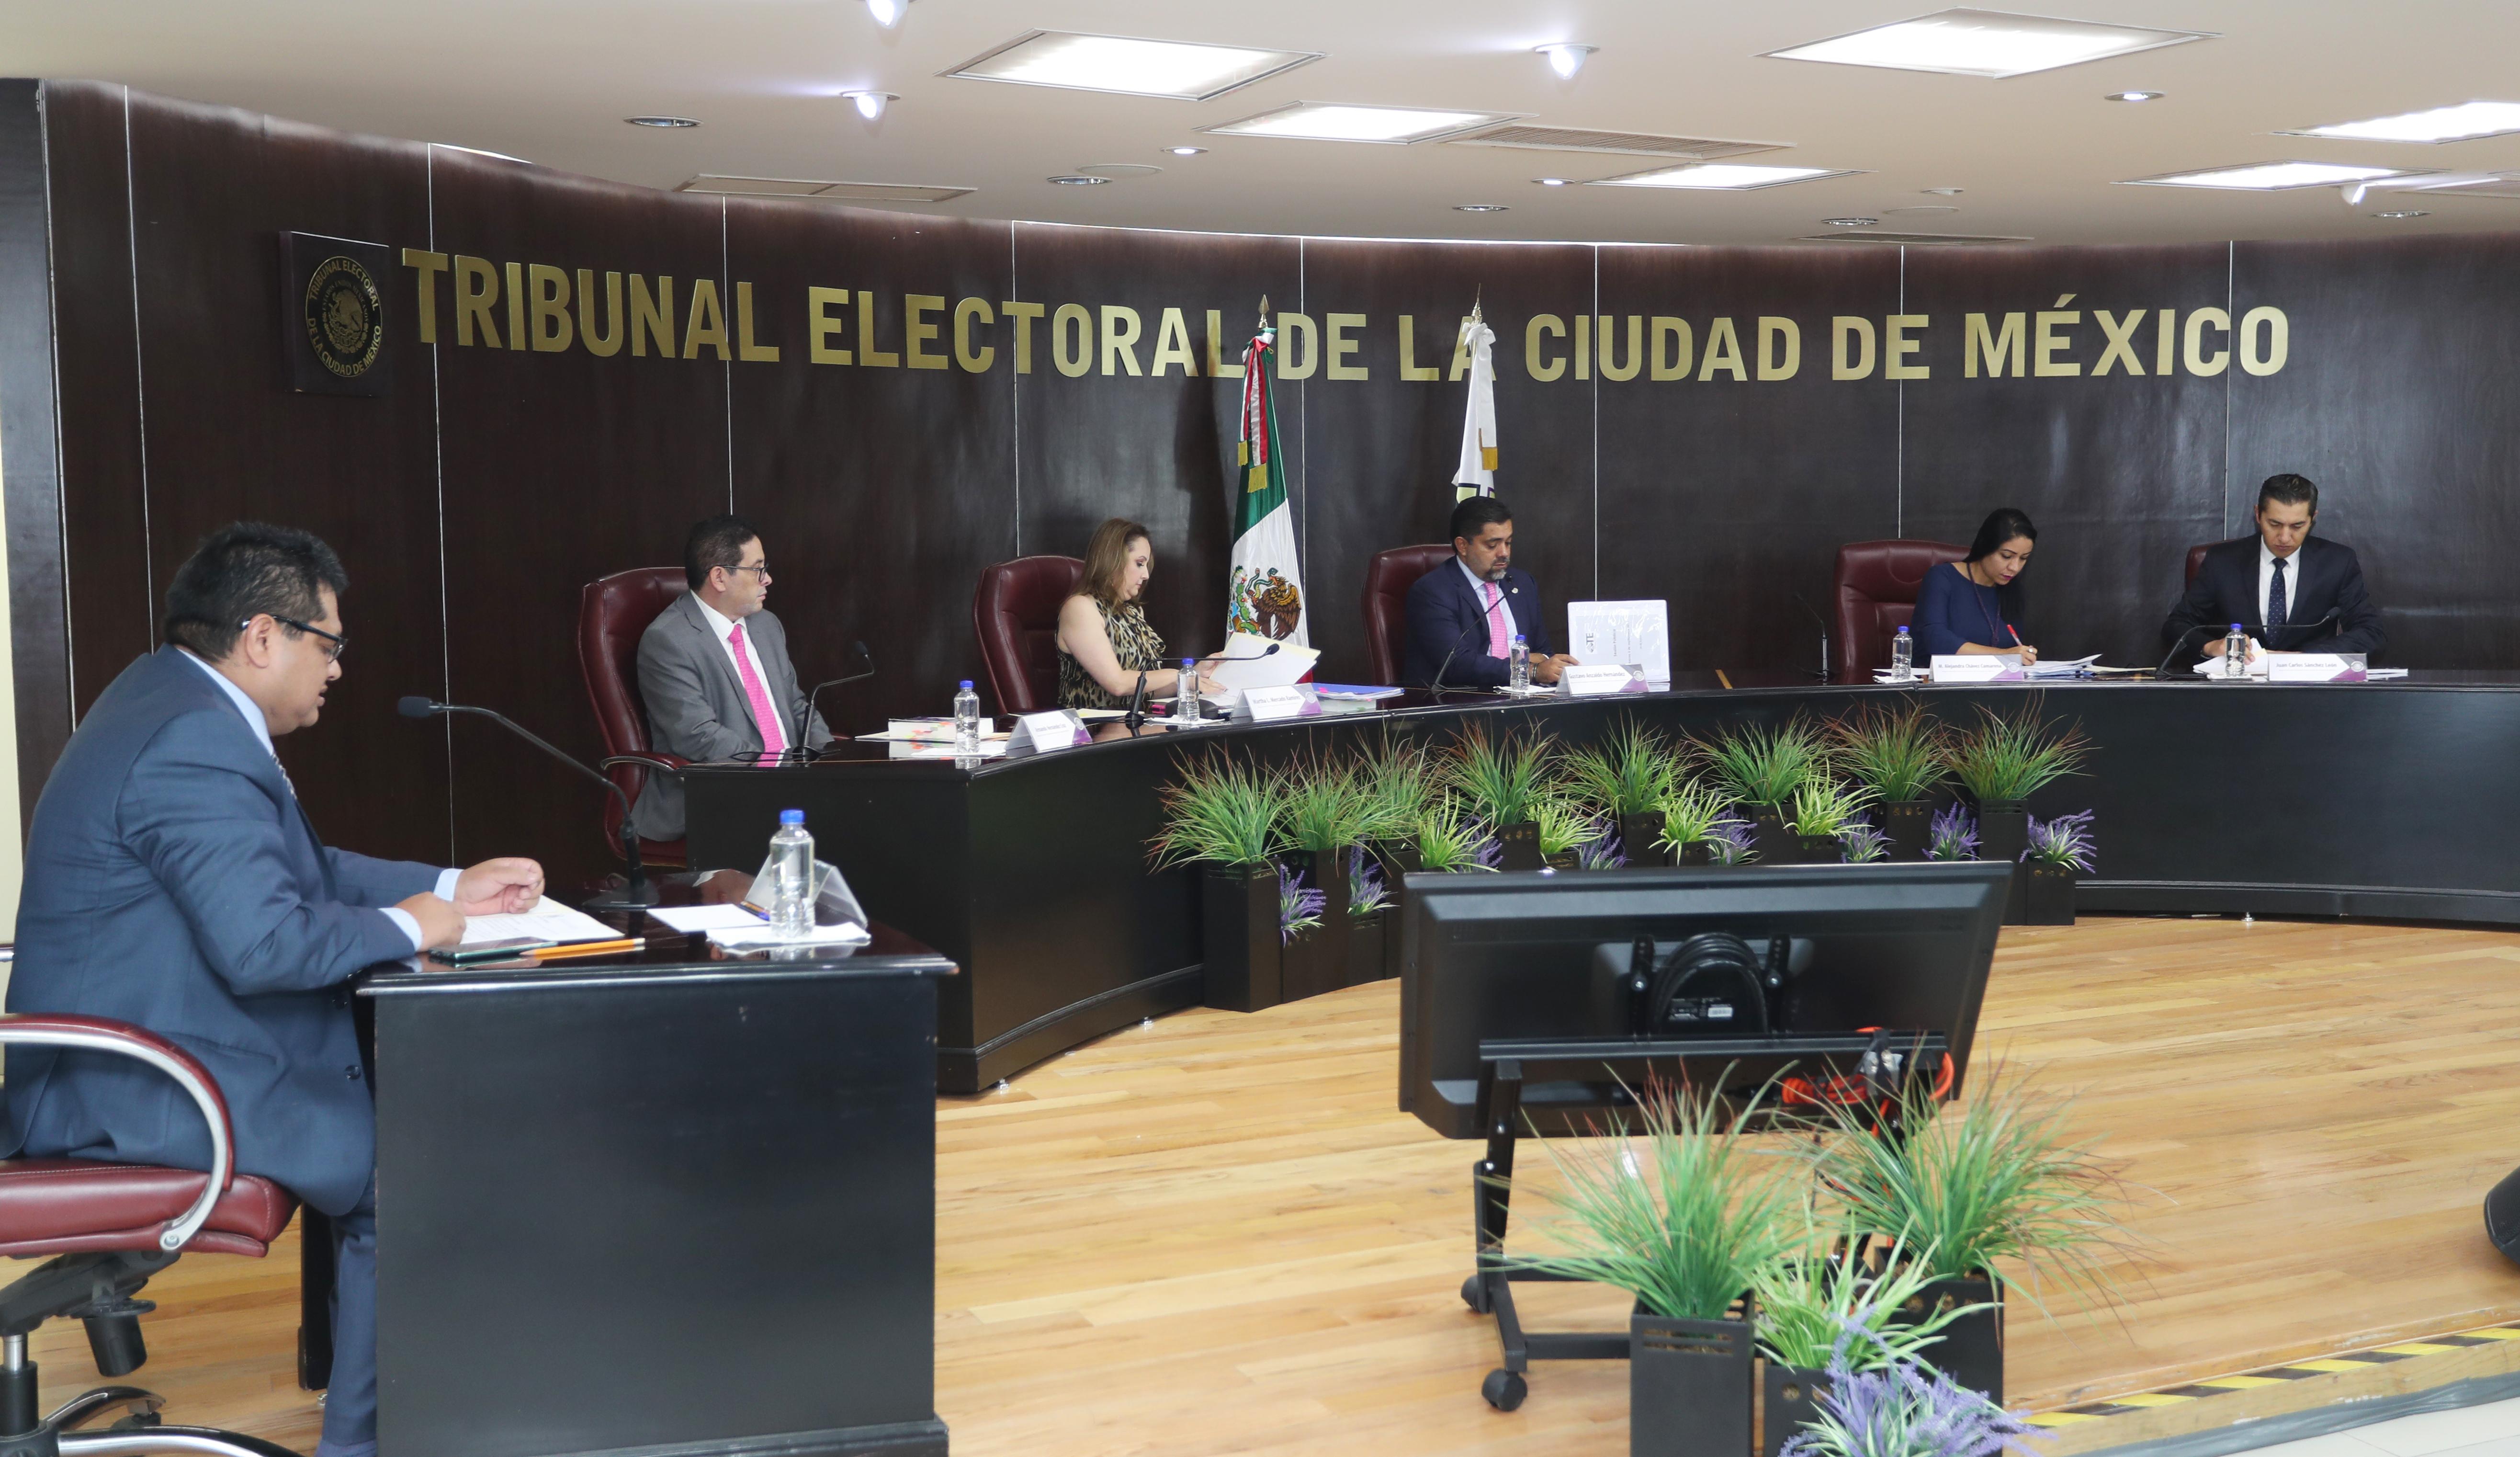 Resuelve TECDMX juicio respecto suspensión de proceso de afiliación a MORENA